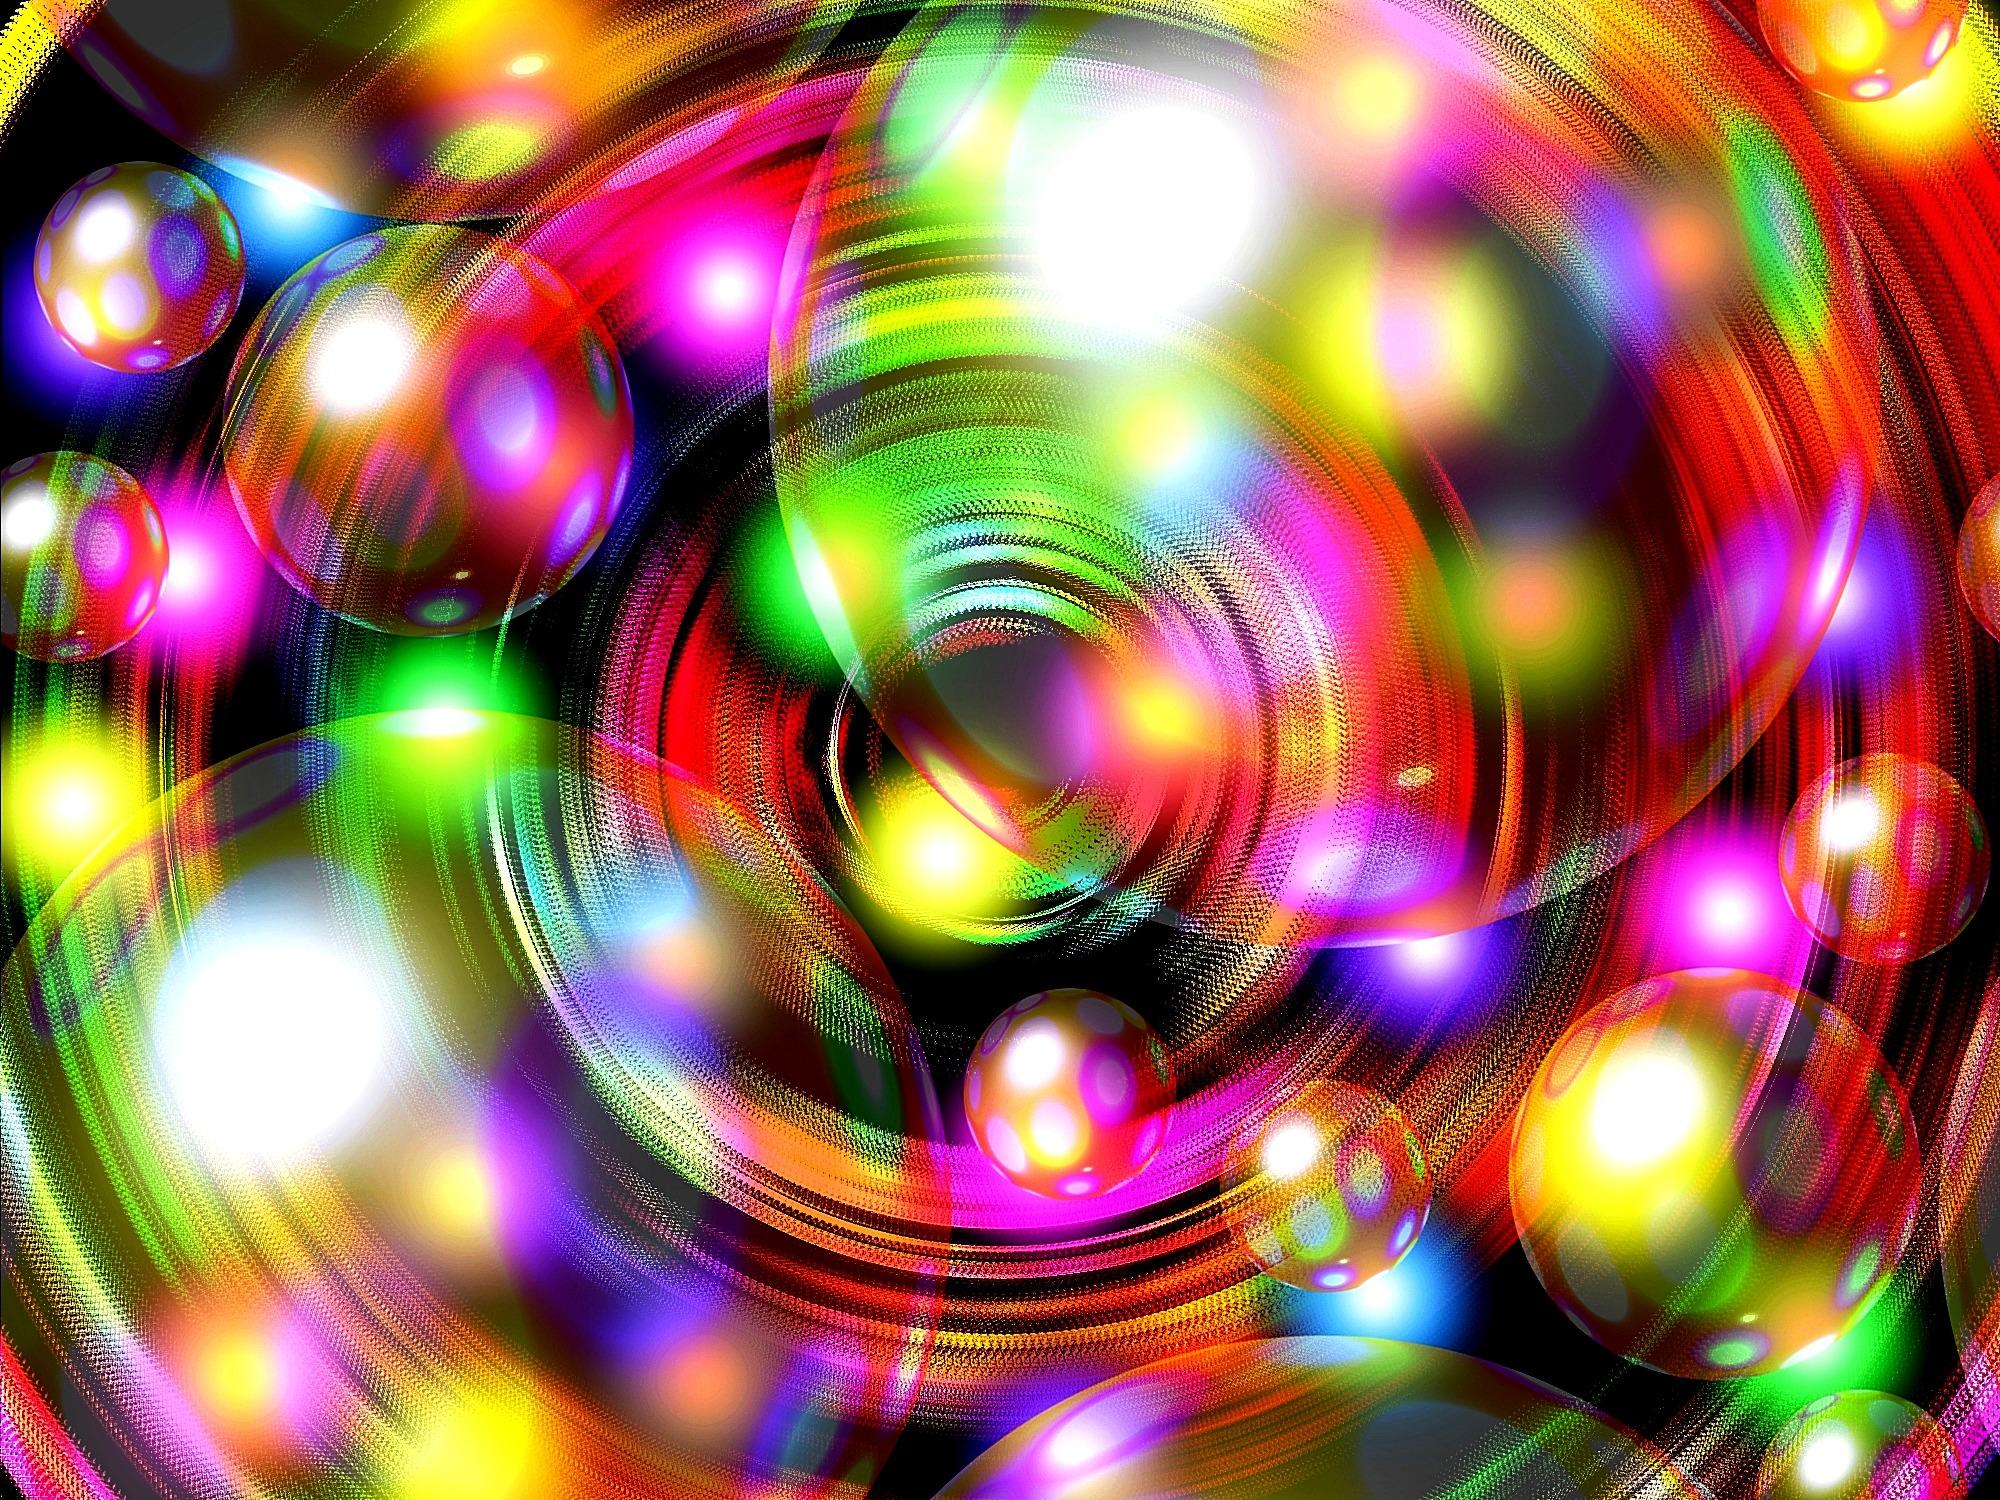 Fun varicolored soap bubbles